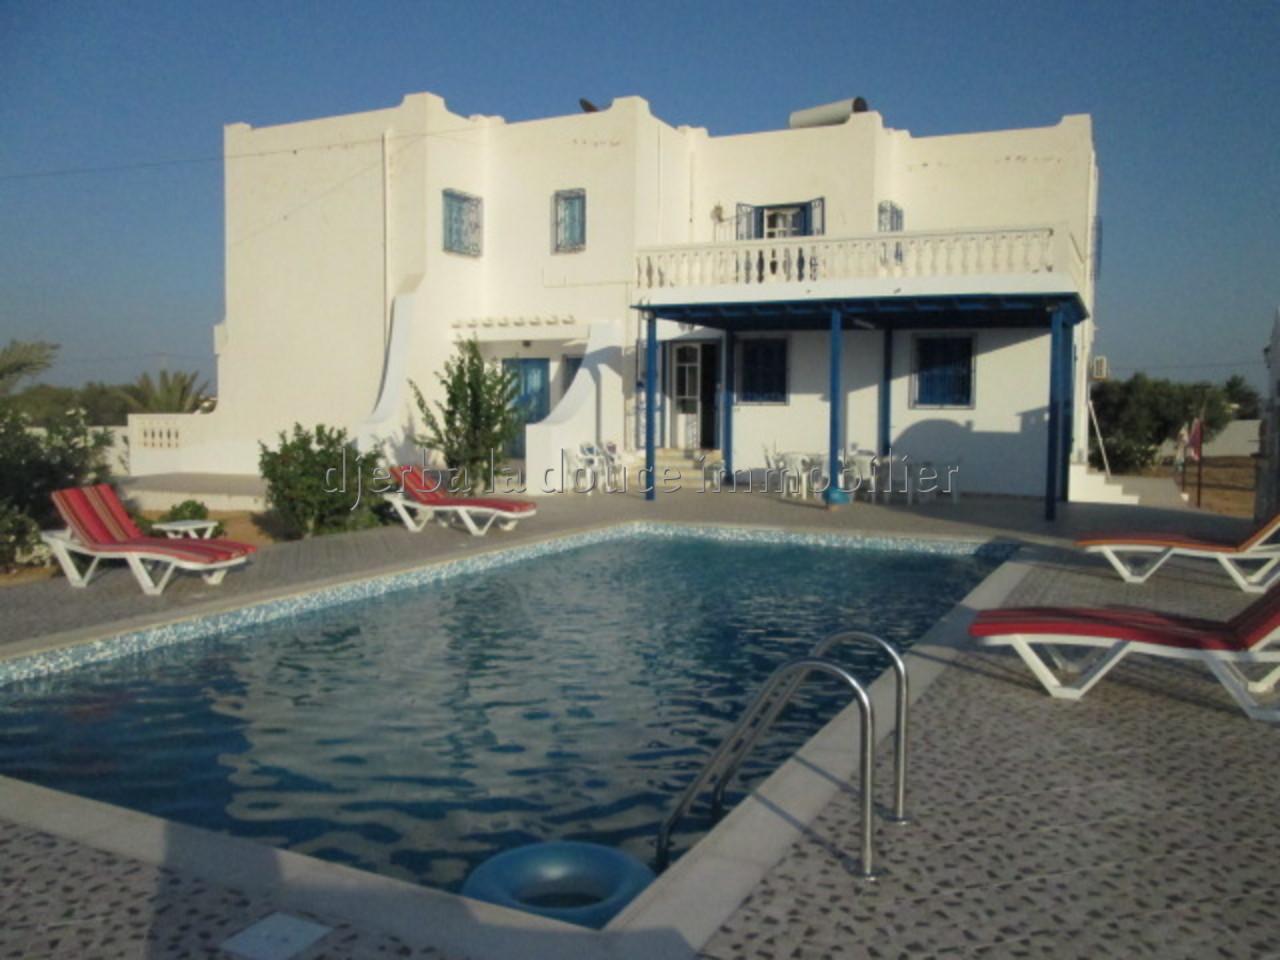 une hyper spacieuse maison s+6 avec piscine à louer à tézdaine Djerba pas loin de la mer